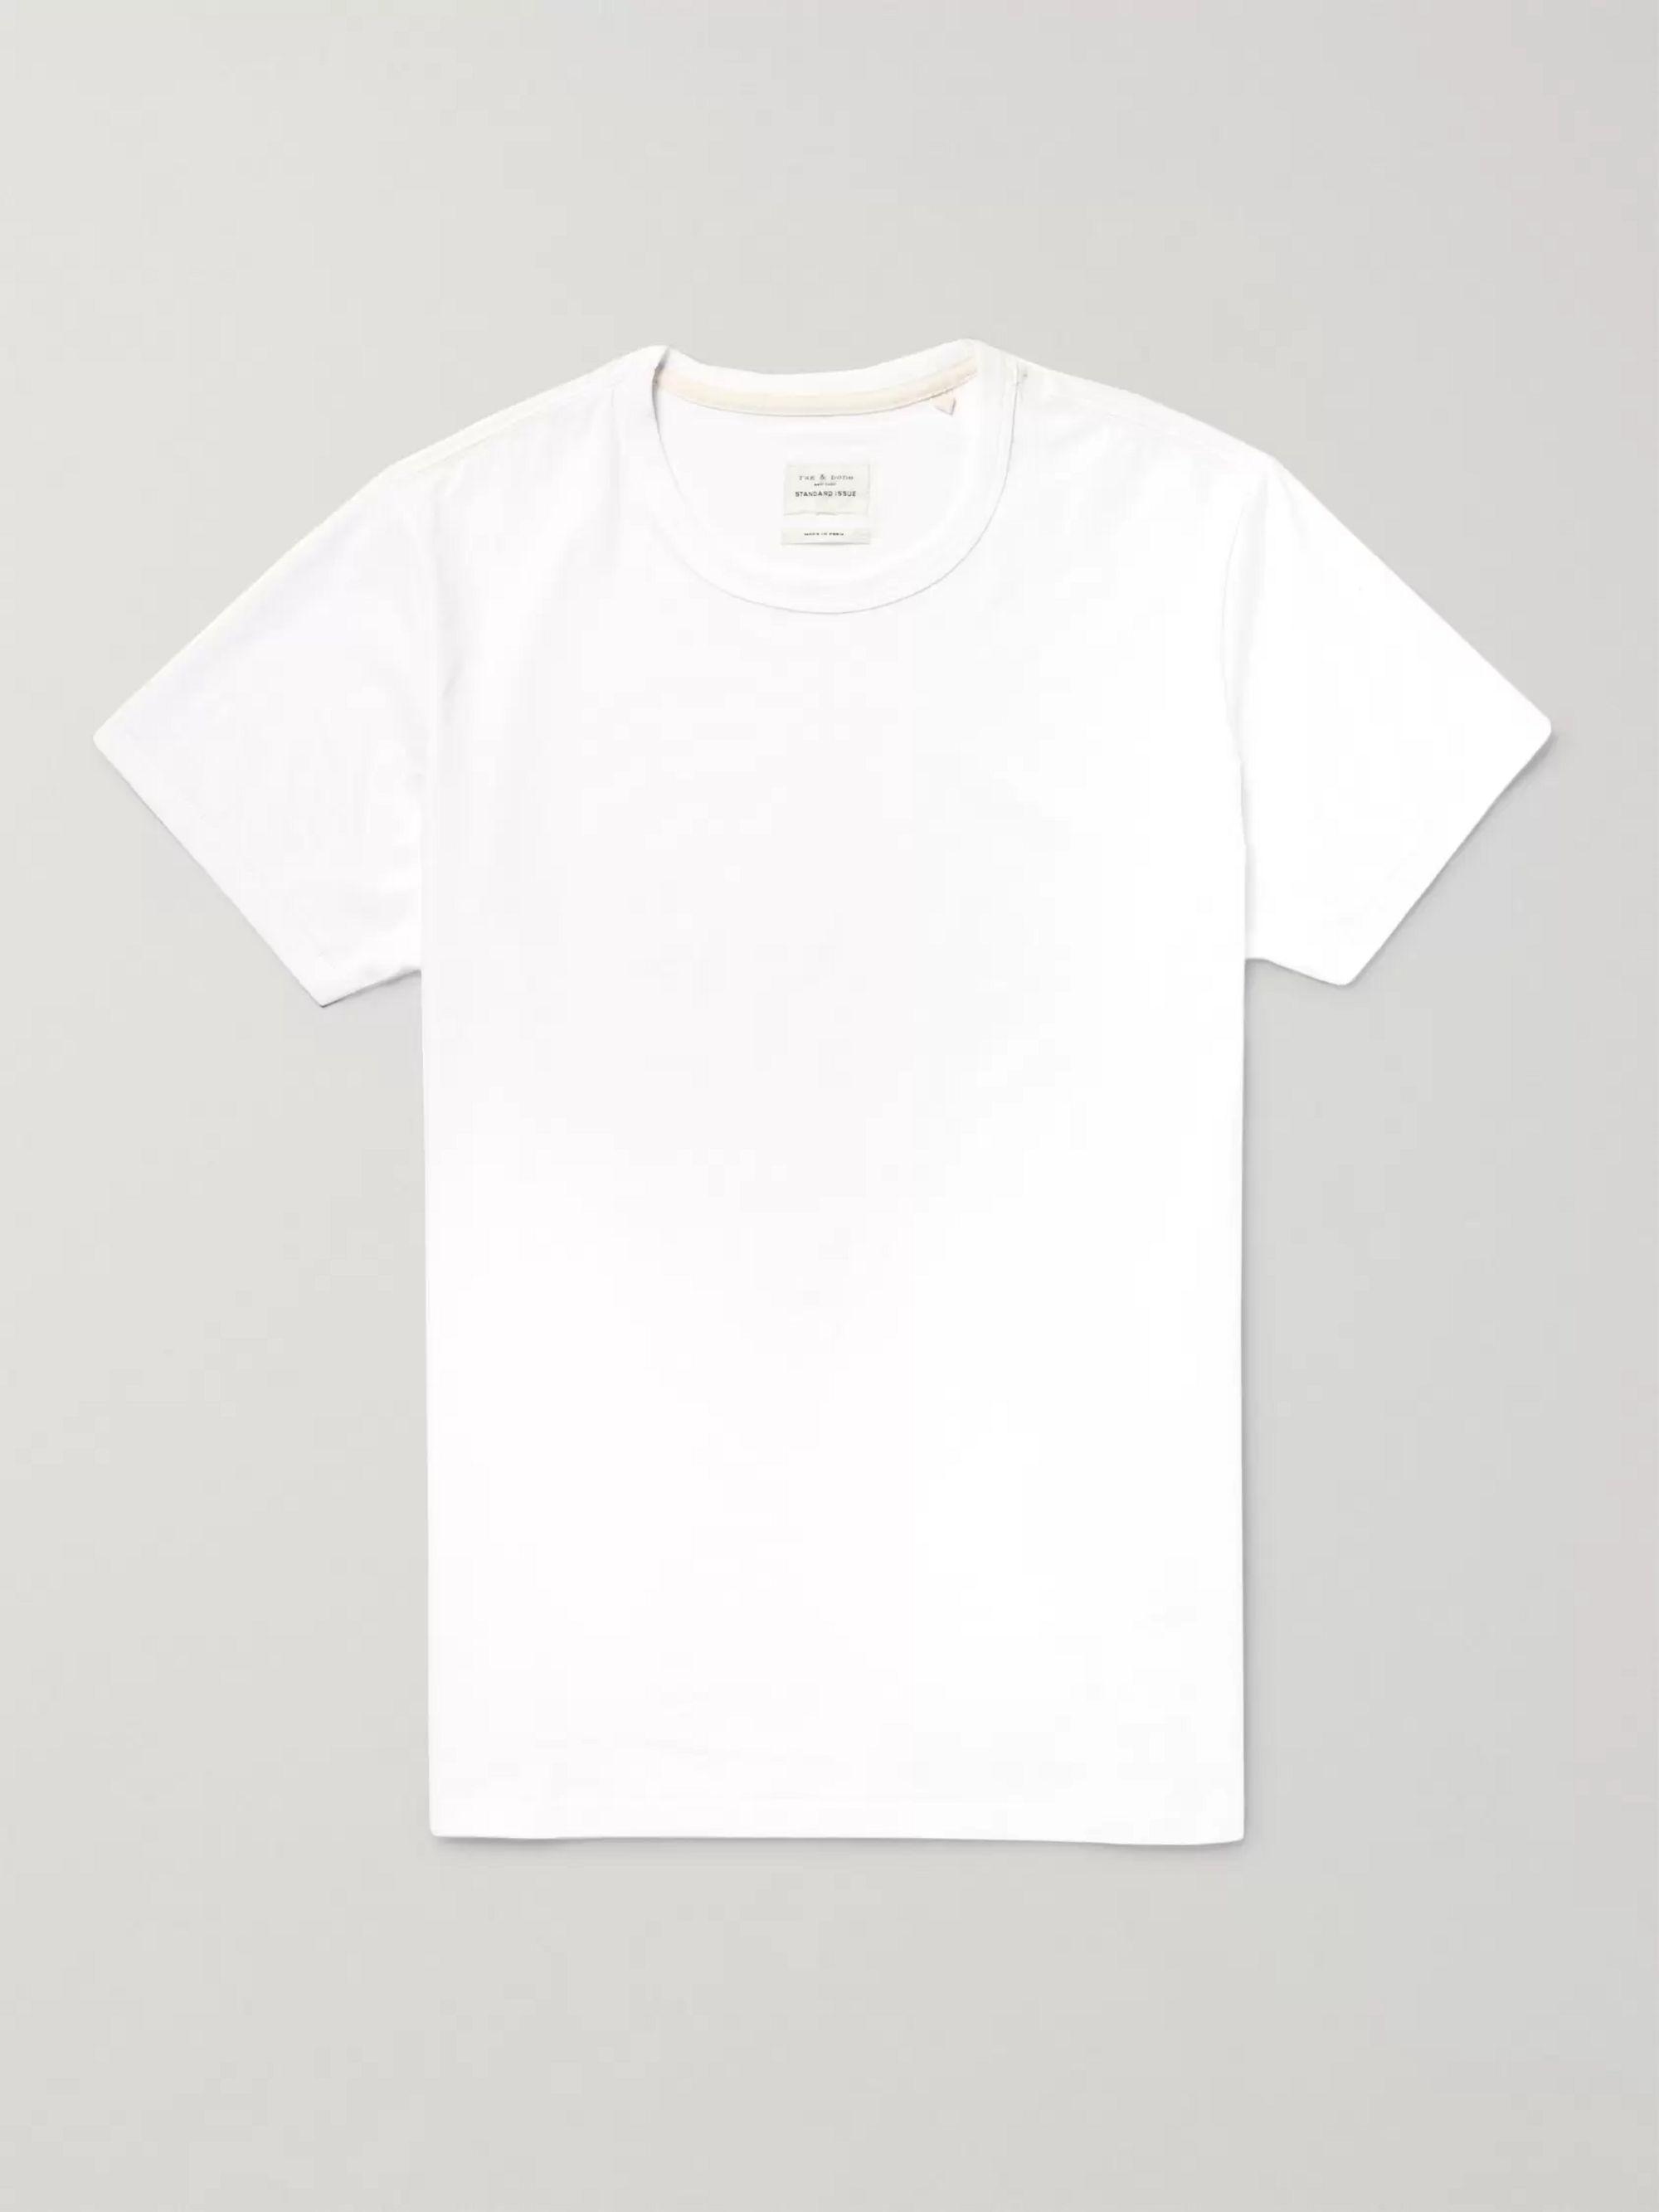 c03393e1a3 Standard Issue Cotton-Jersey T-Shirt